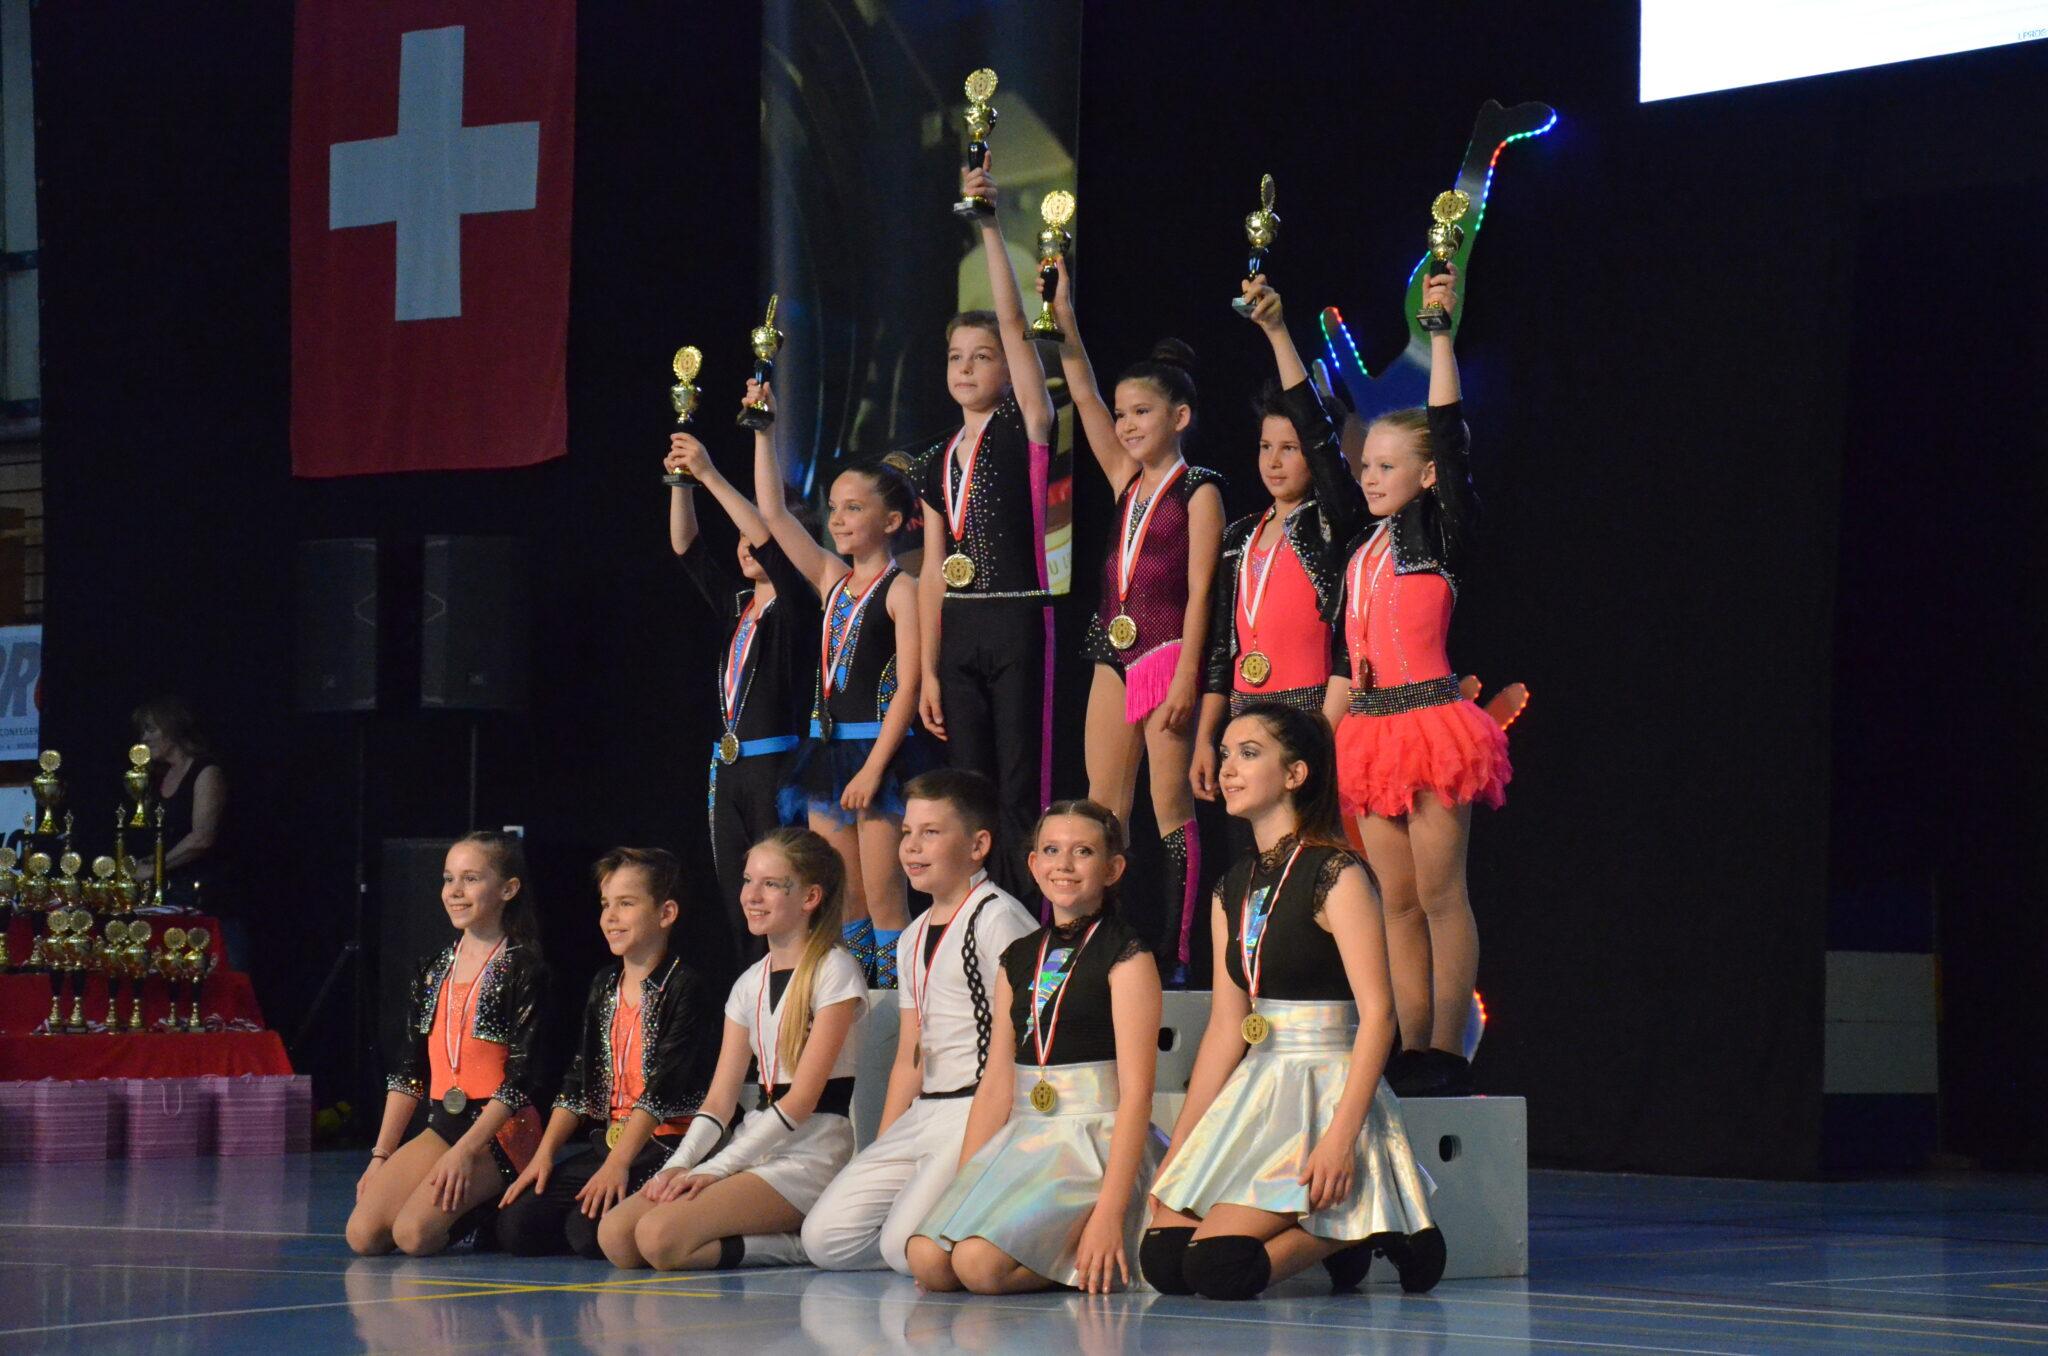 Schweizermeisterschaft 2019